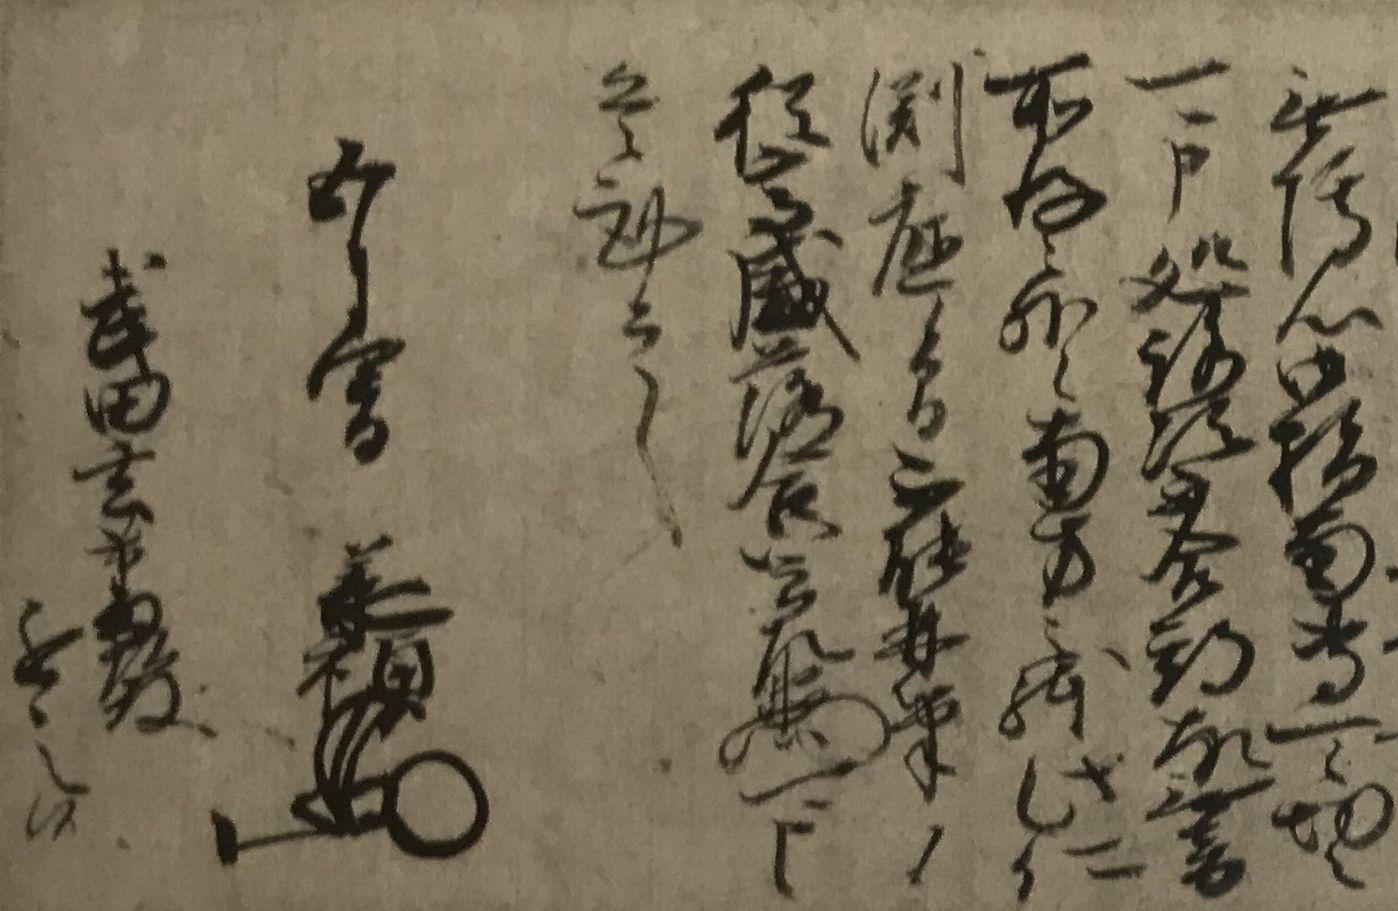 長篠前夜に六角義賢が武田勝頼へ宛てた書状b